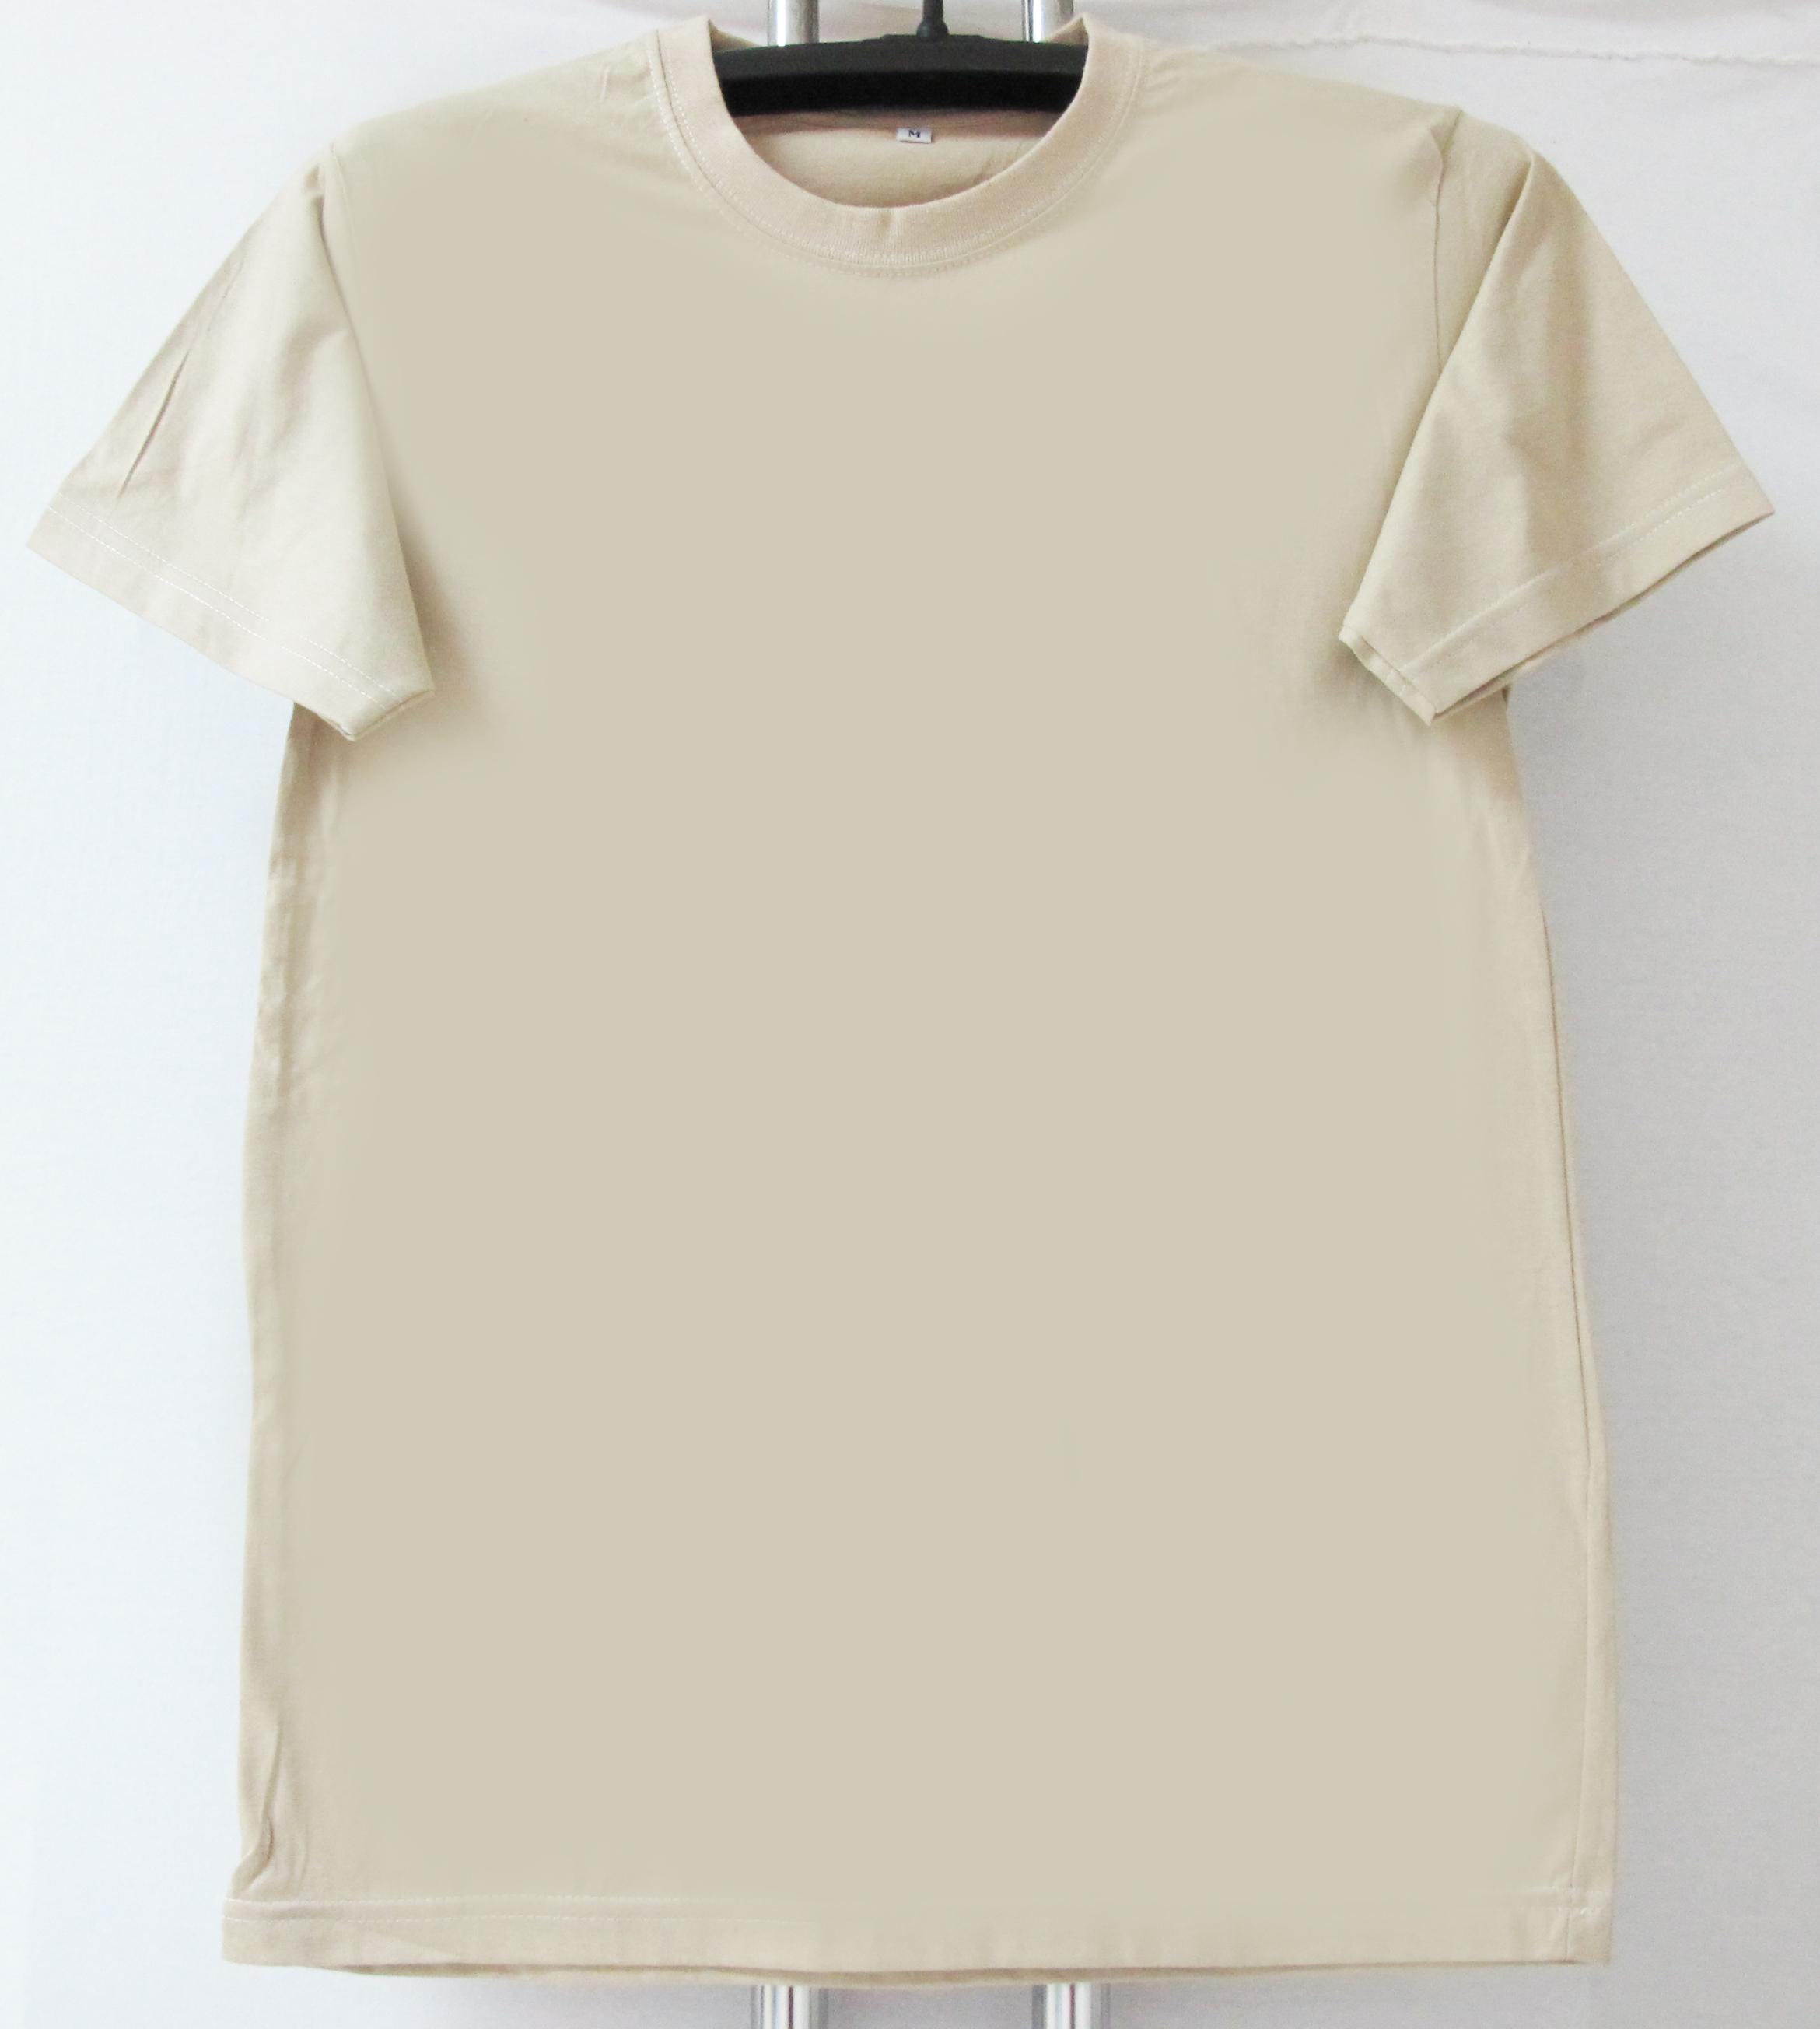 COTTON100% เบอร์32 เสื้อยืดแขนสั้น คอกลม สีกากี